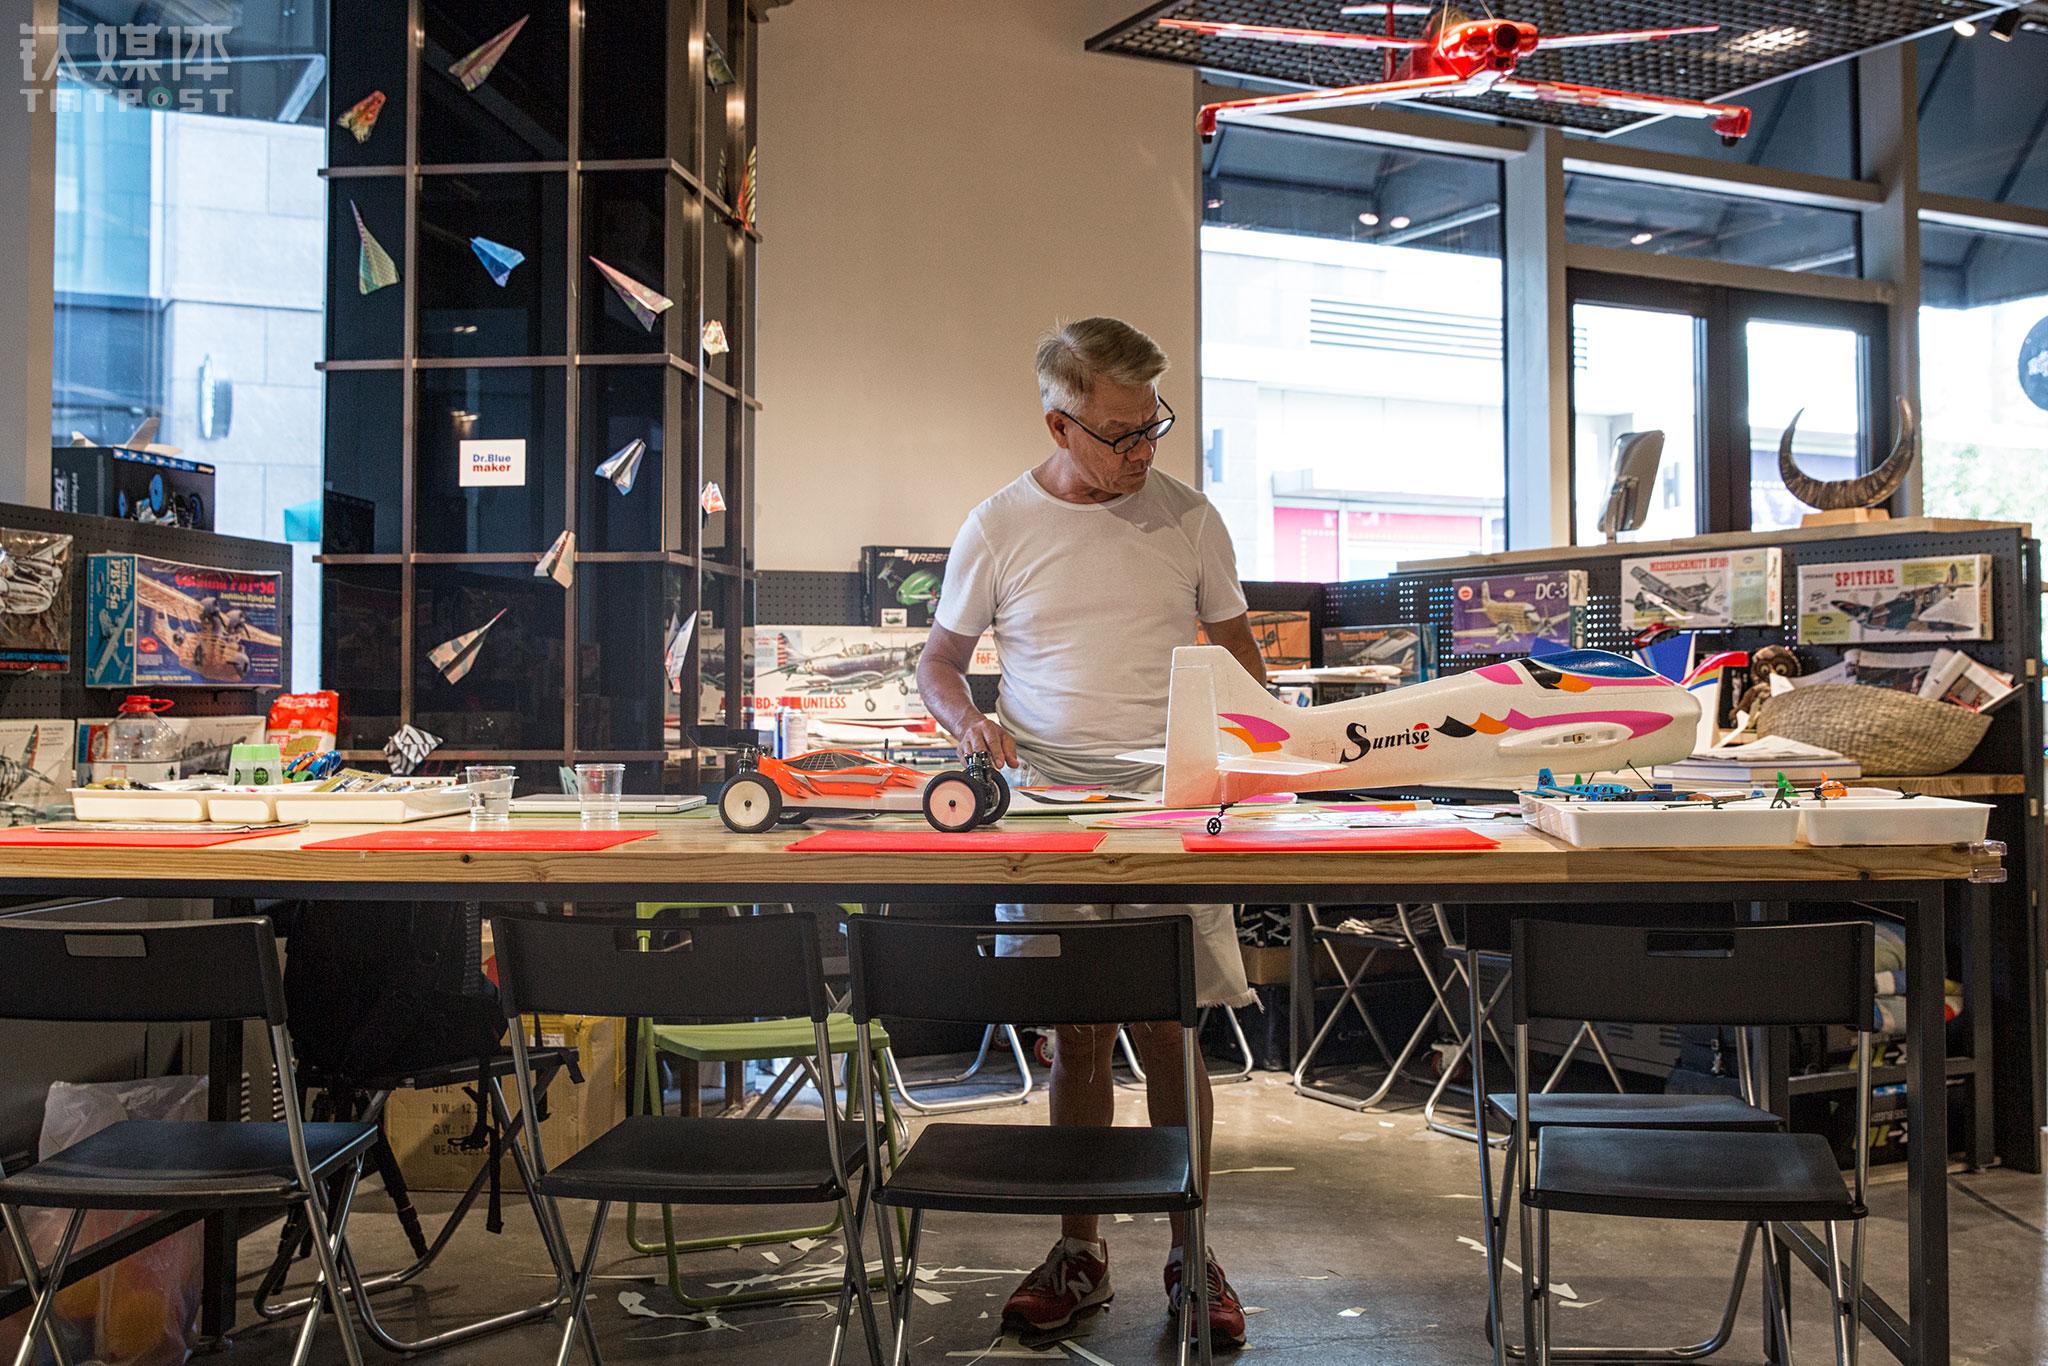 2016年夏天,郑富德在北京顺义祥云小镇开了自己在北京的第一家Maker航模教室。他的航模课非常受小朋友和家长的欢迎,Maker航模教室开始有了一定的知名度。2-10岁的小朋友都可以在课堂上学习制作手工航模,由郑富德和他女儿艾玲手把手教。